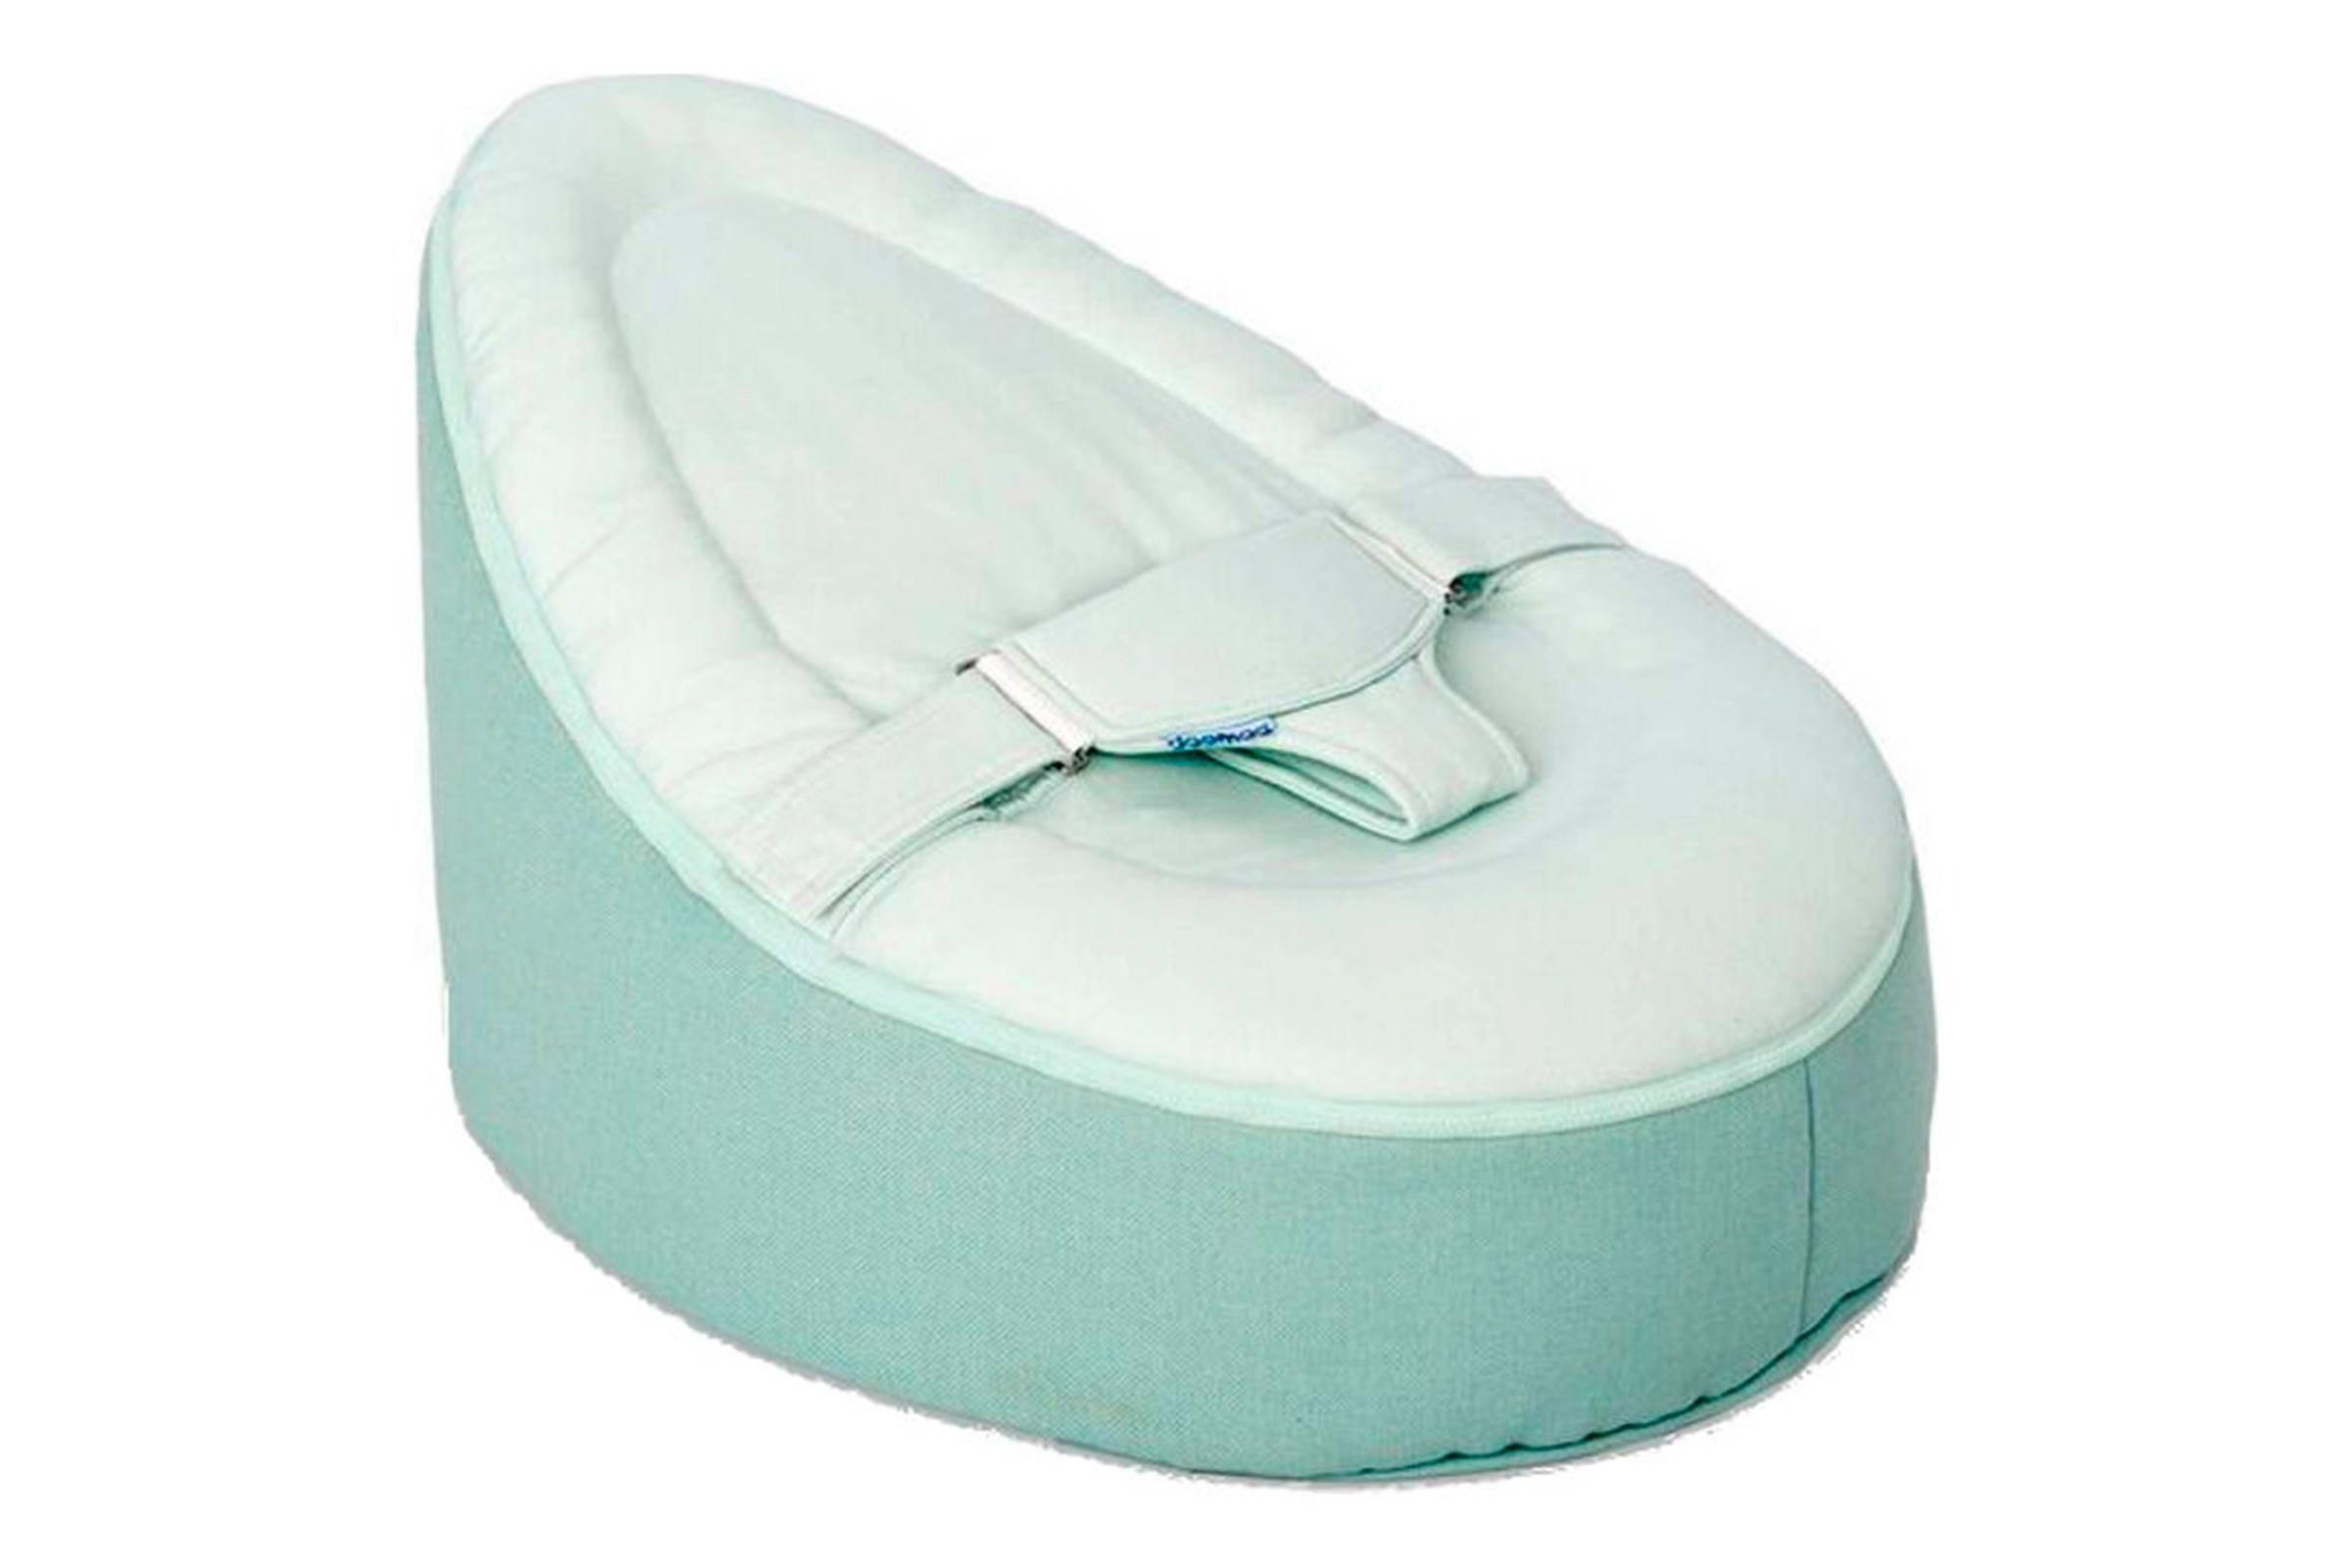 Doomoo Zitzak Wit Grijs.Doomoo Zitzak Seat Home Mint Turquoise Meubelmooi Nl